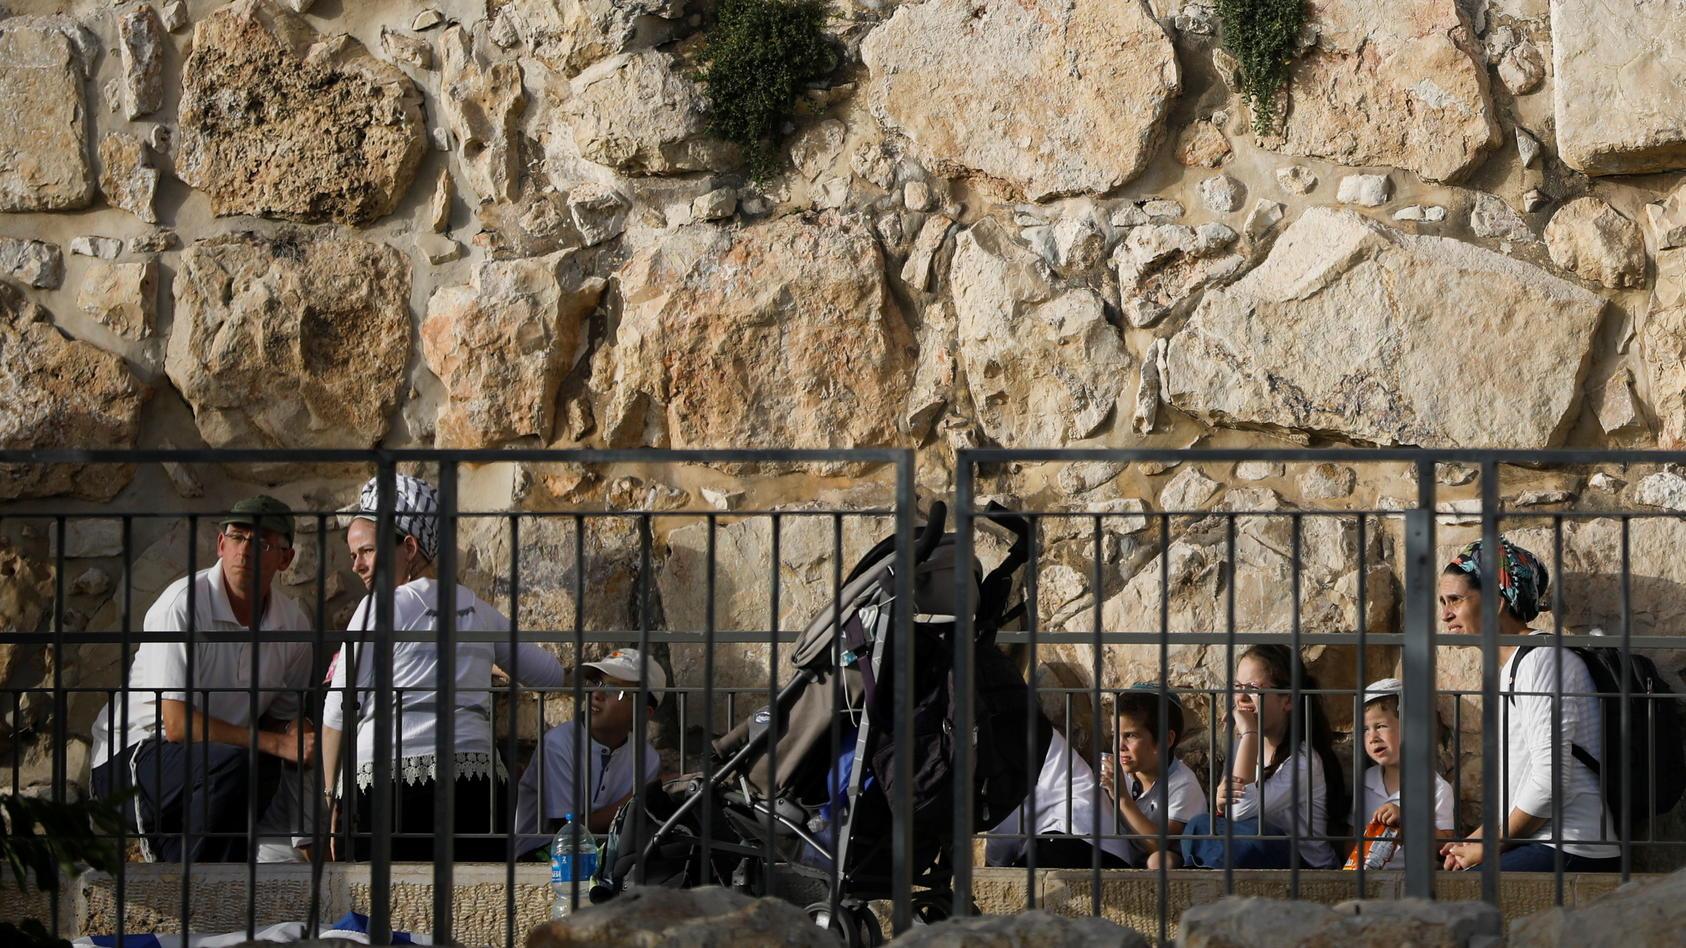 Menschen suchten nach der Raketenwarnung nahe der Klagemauer Schutz